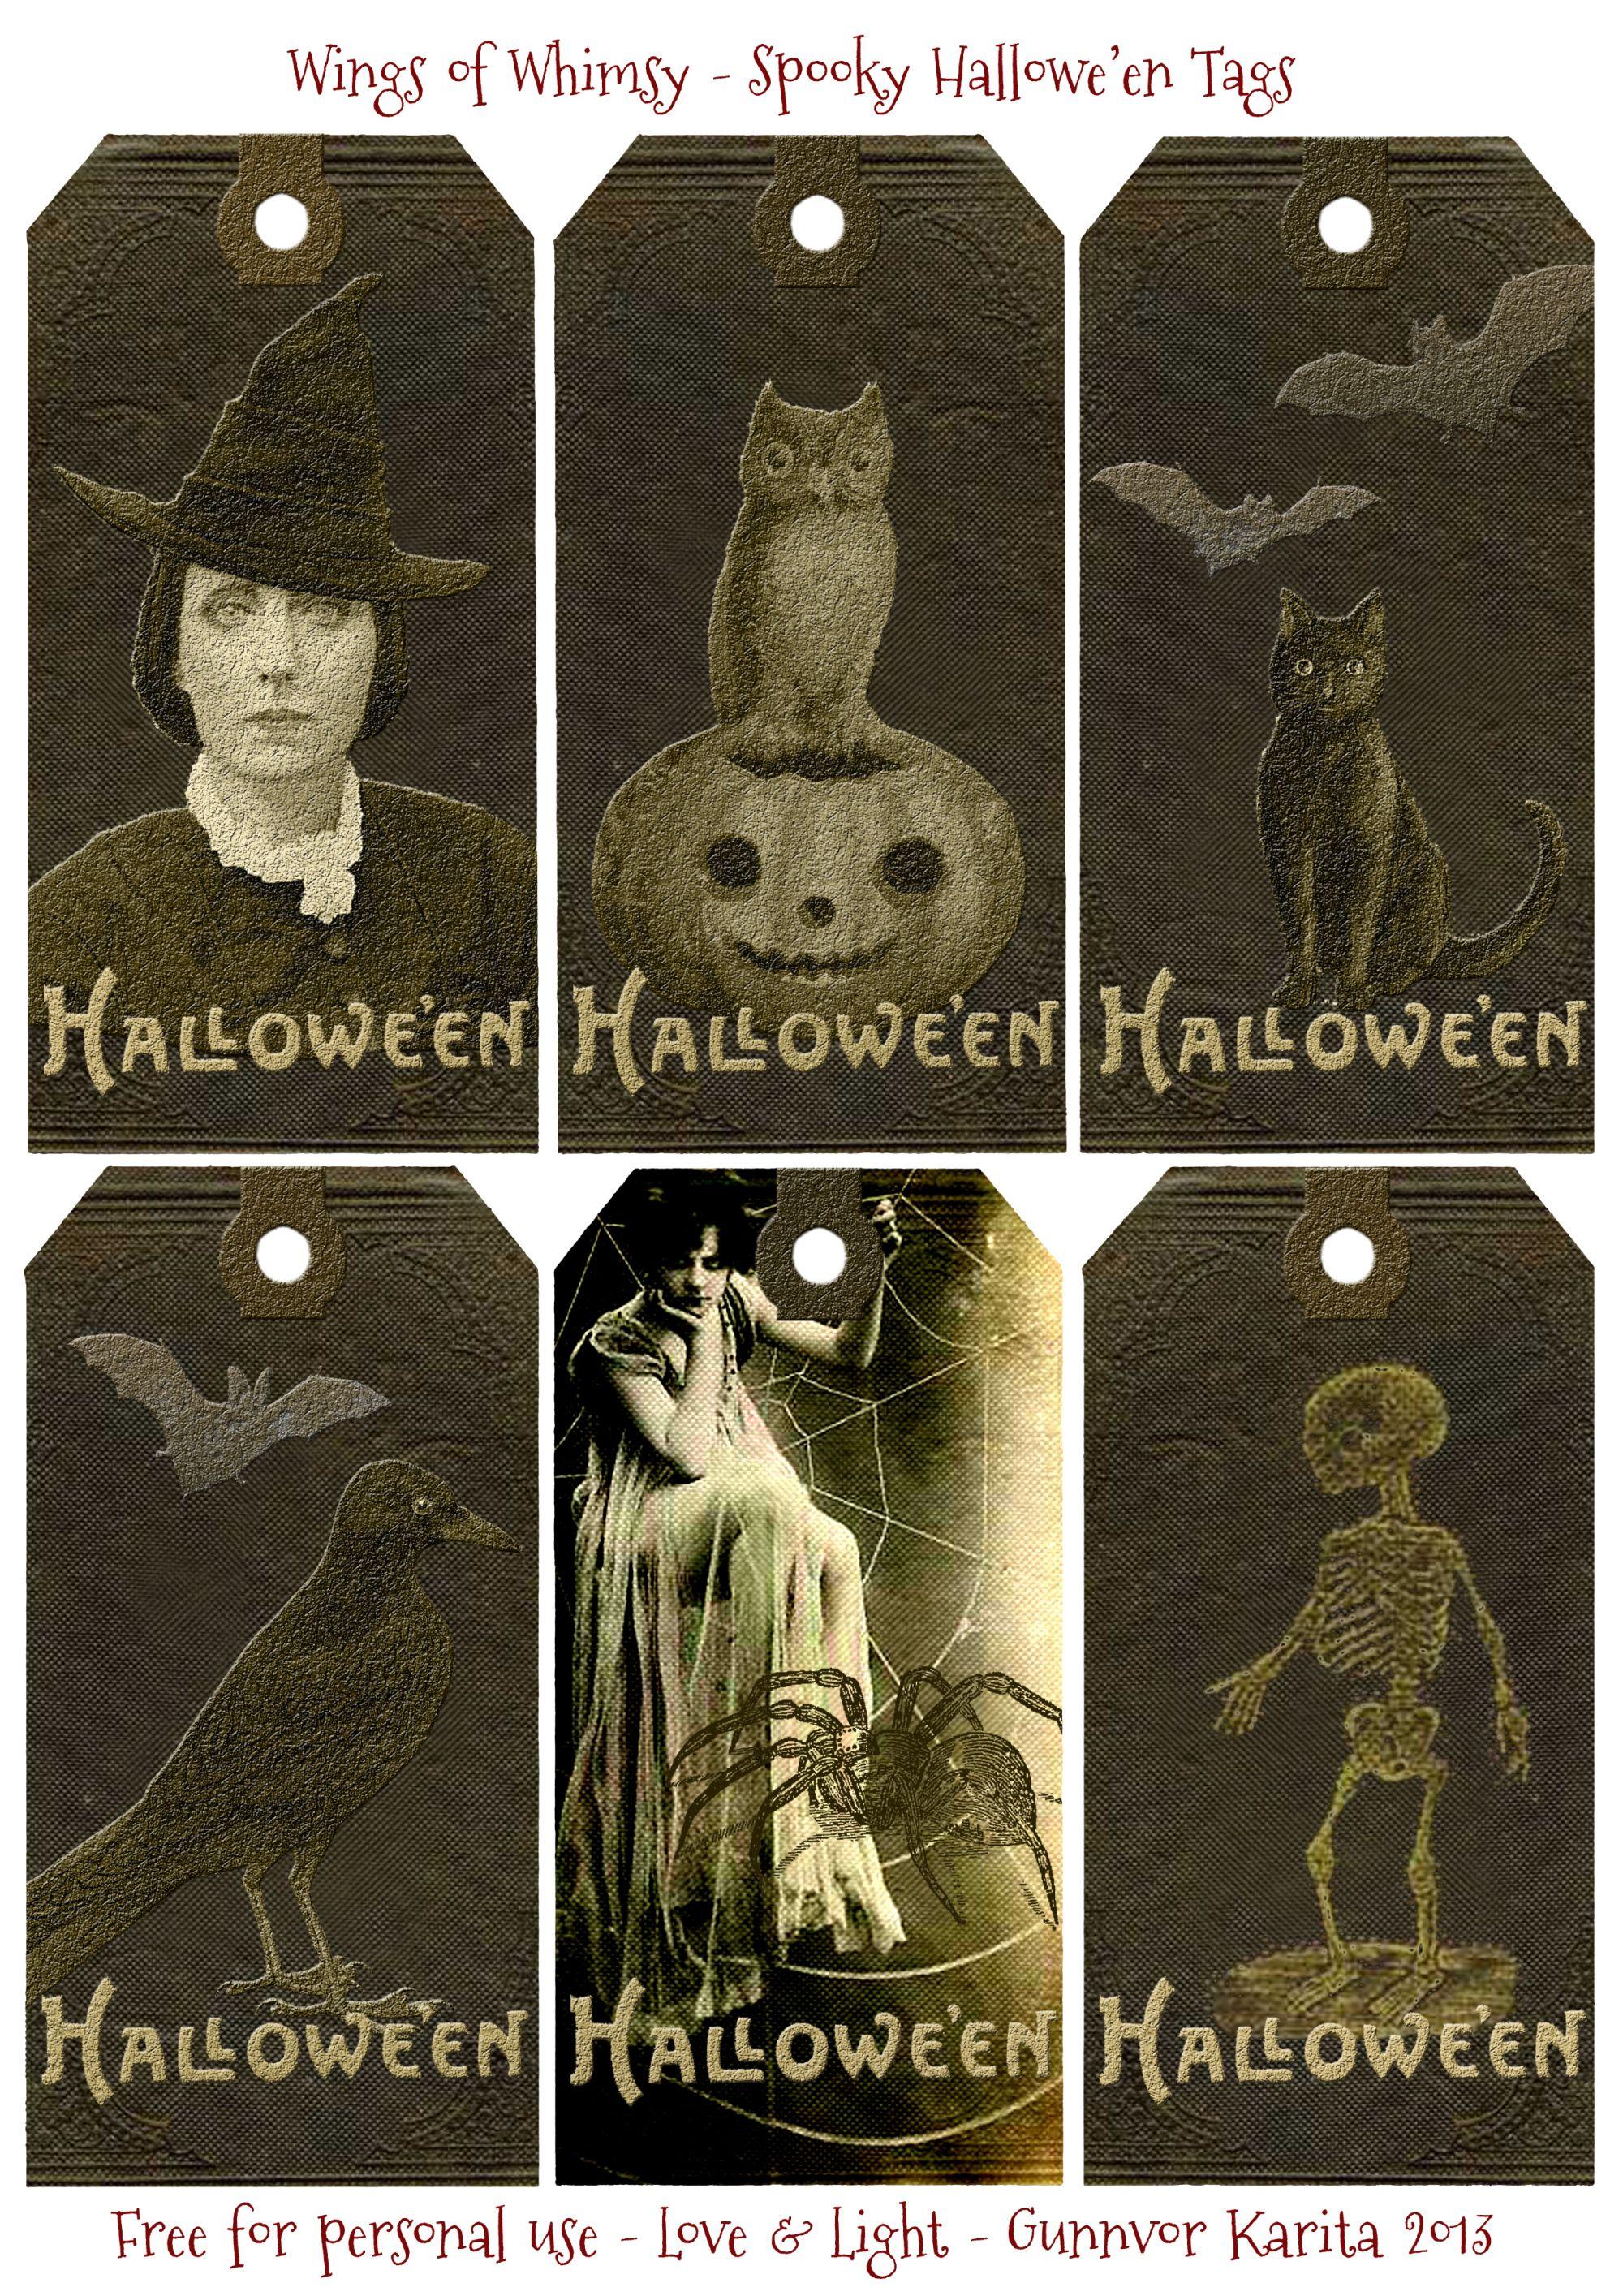 Spooky halloweuen tags u vintage style spooky halloween